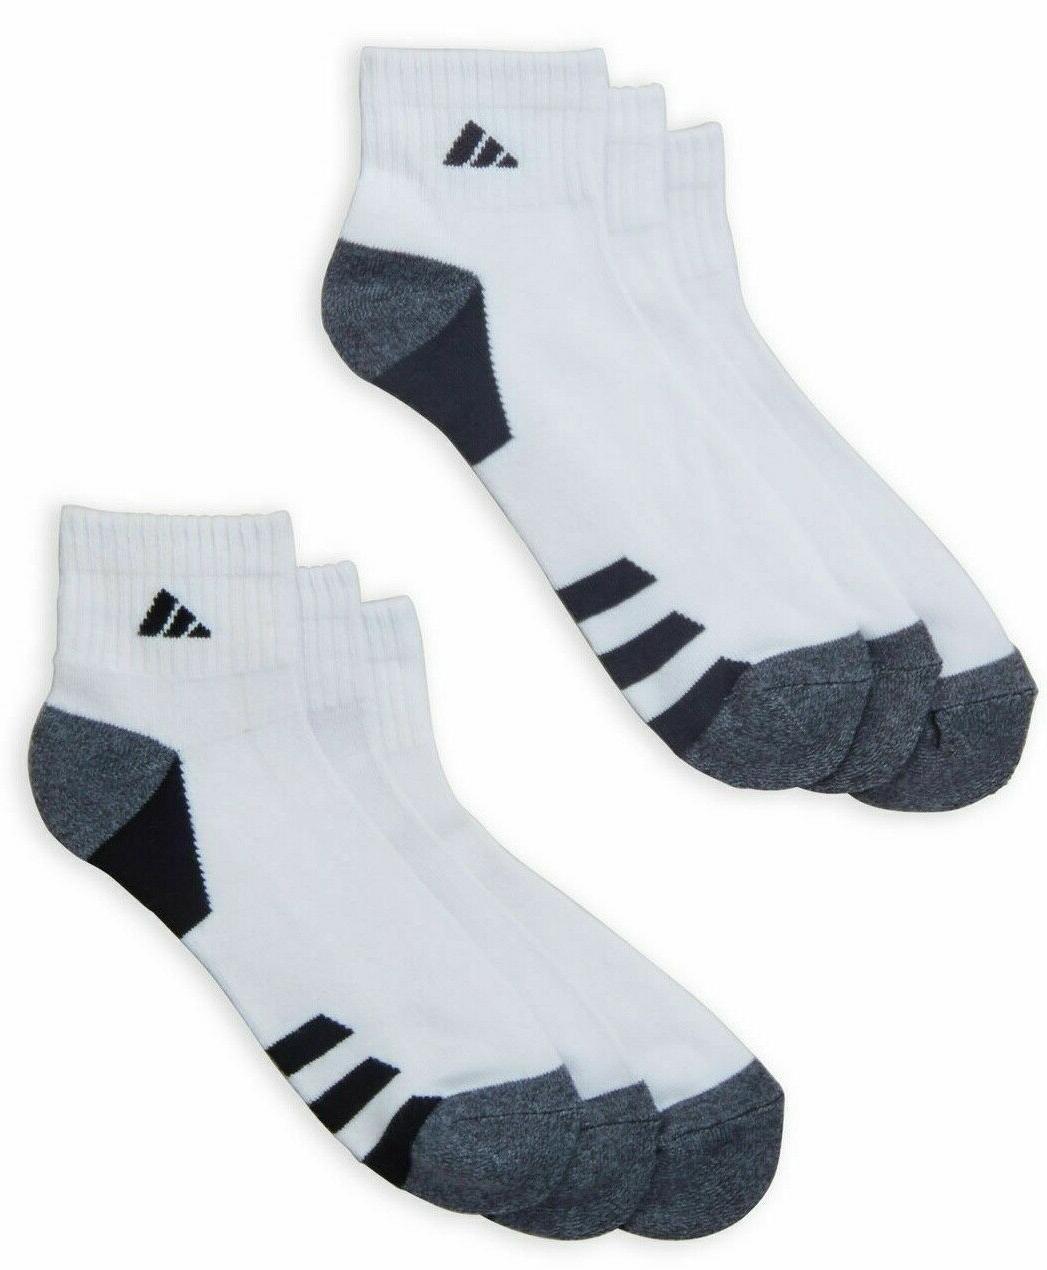 6 Pack Men Cushion QUARTER Socks WHITE LARGE WICKING